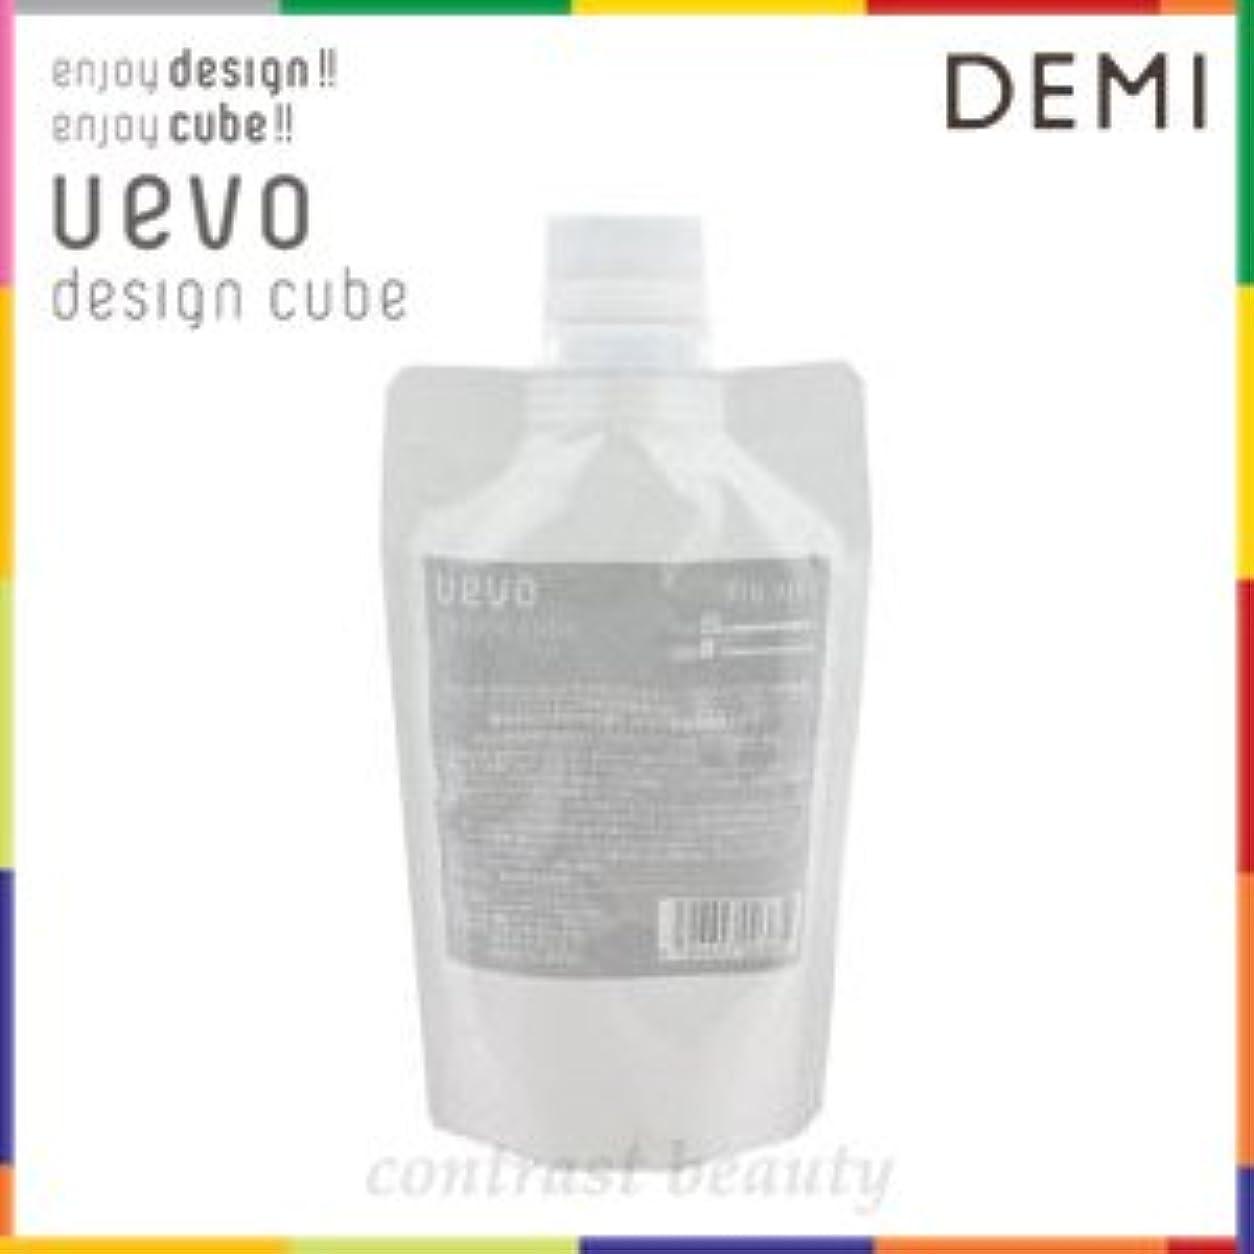 【X5個セット】 デミ ウェーボ デザインキューブ ドライワックス 200g 業務用 dry wax DEMI uevo design cube